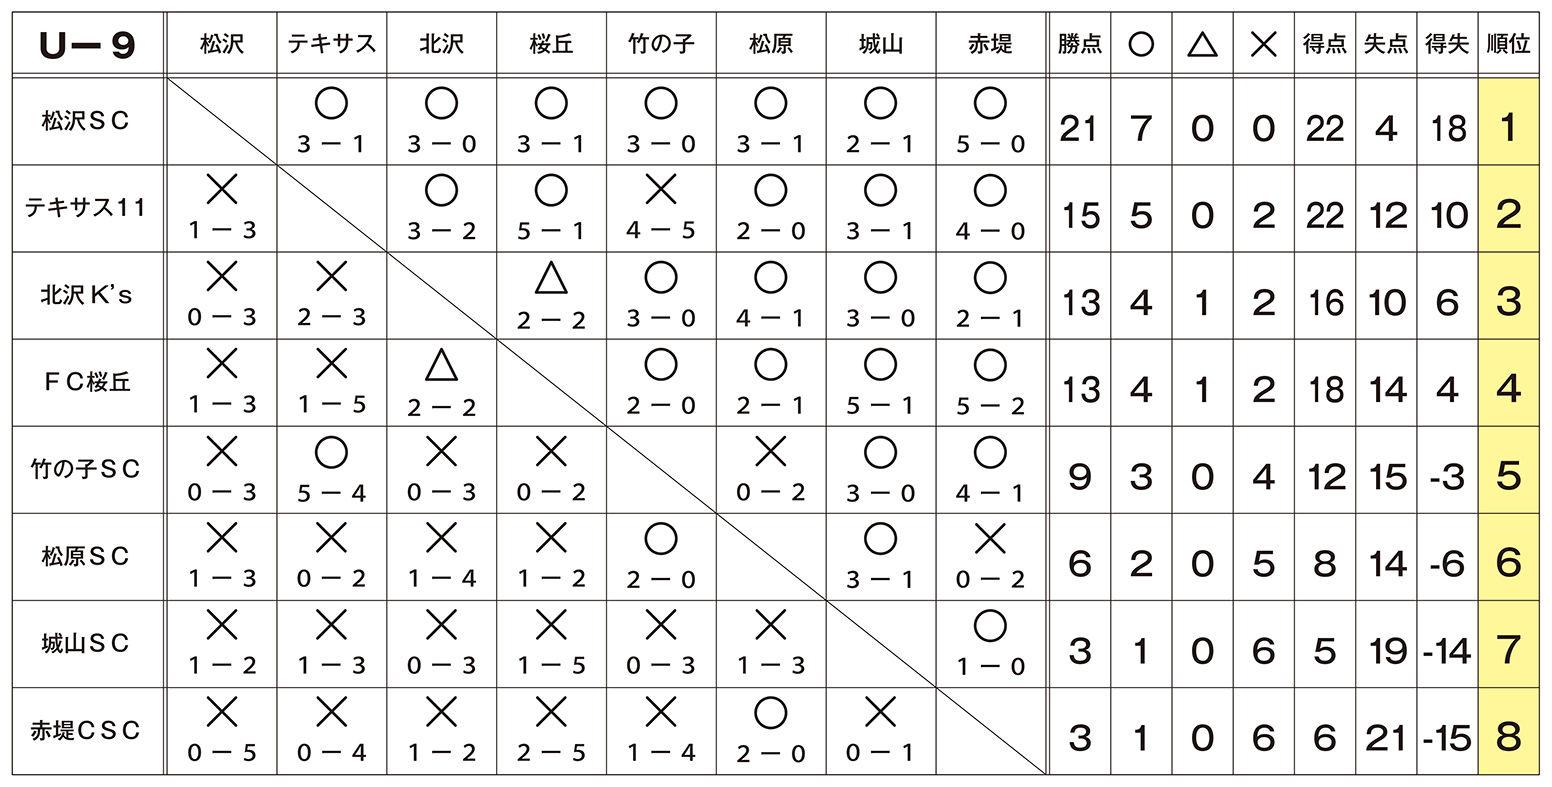 S-Eastリーグ星取表_U9